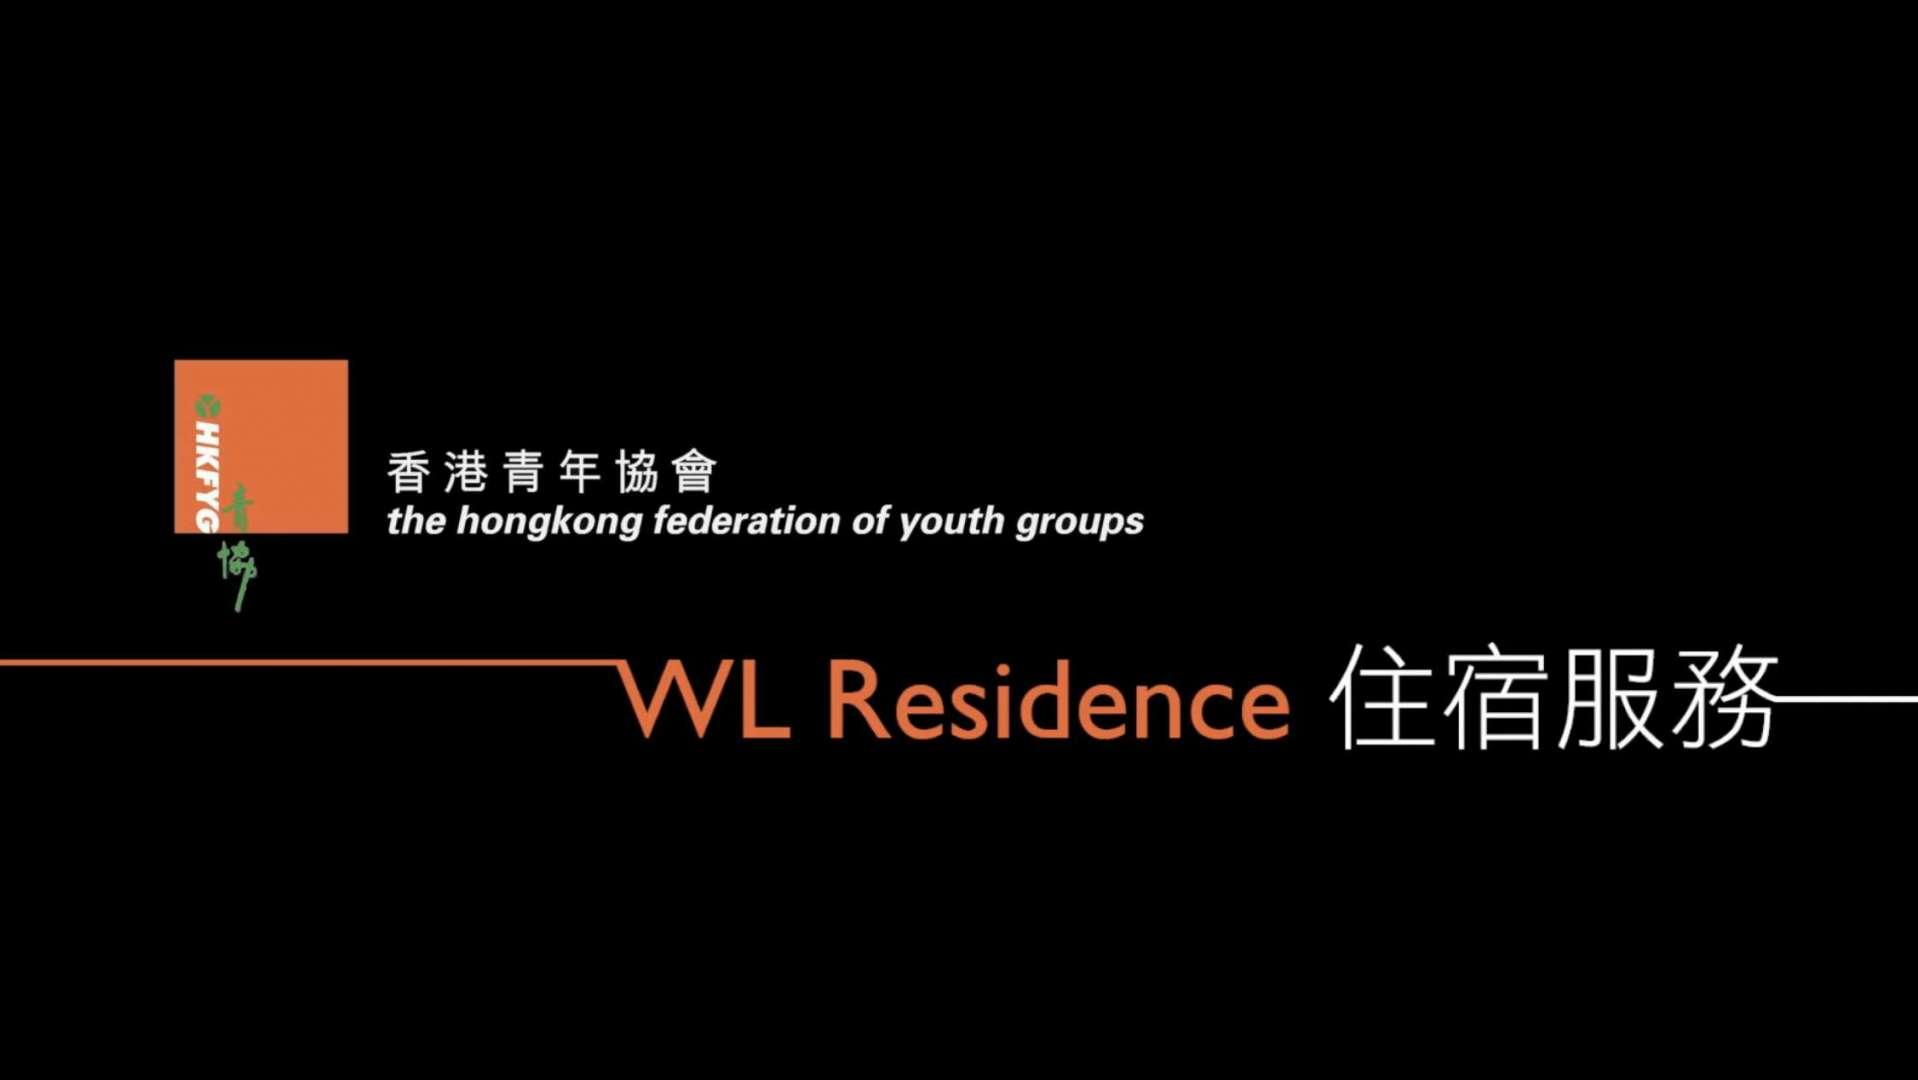 WL Residence